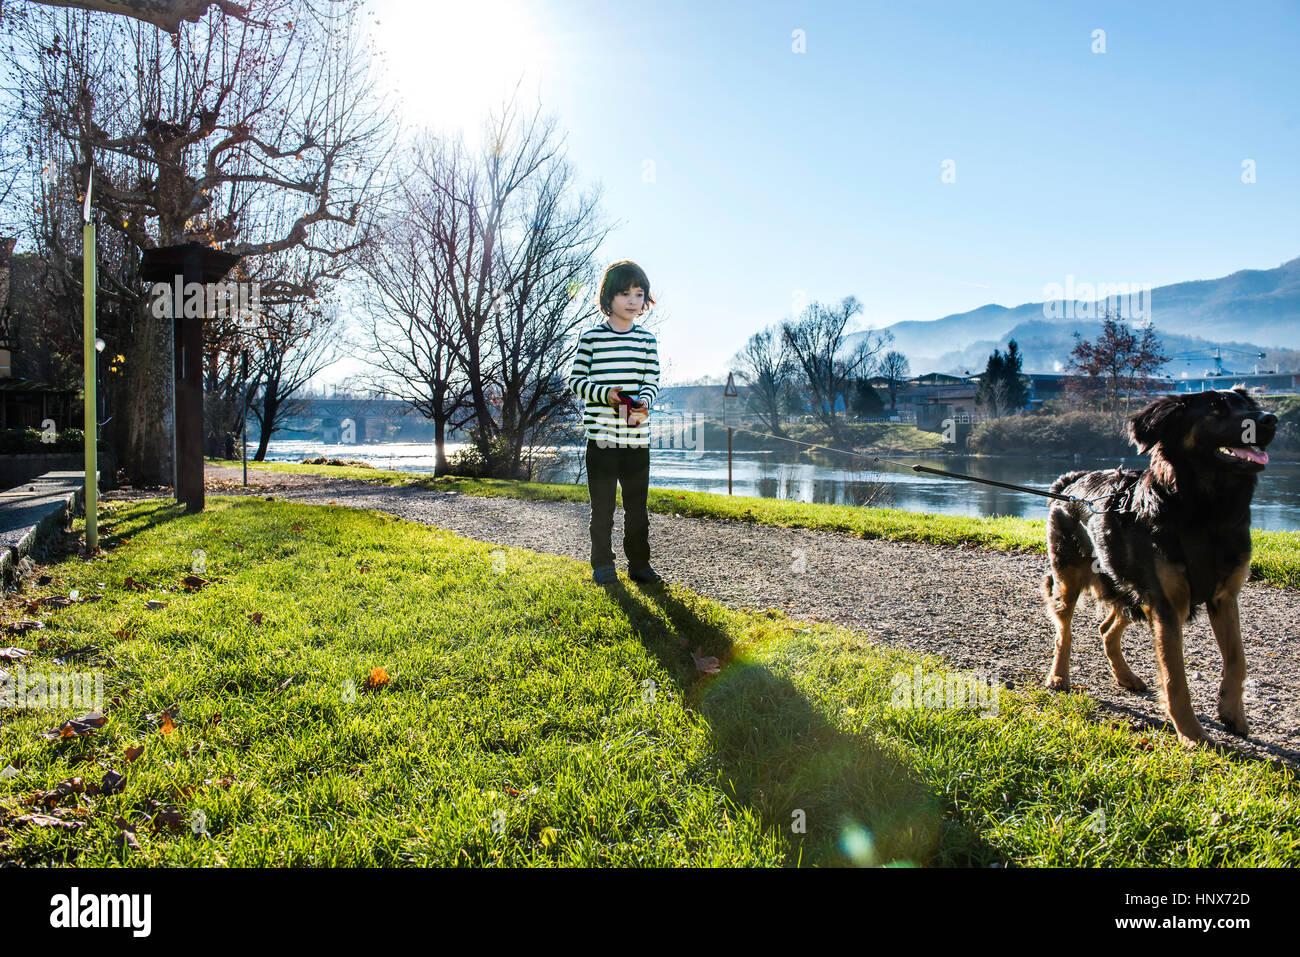 Garçon jouant avec son meilleur ami, son chien de compagnie Photo Stock